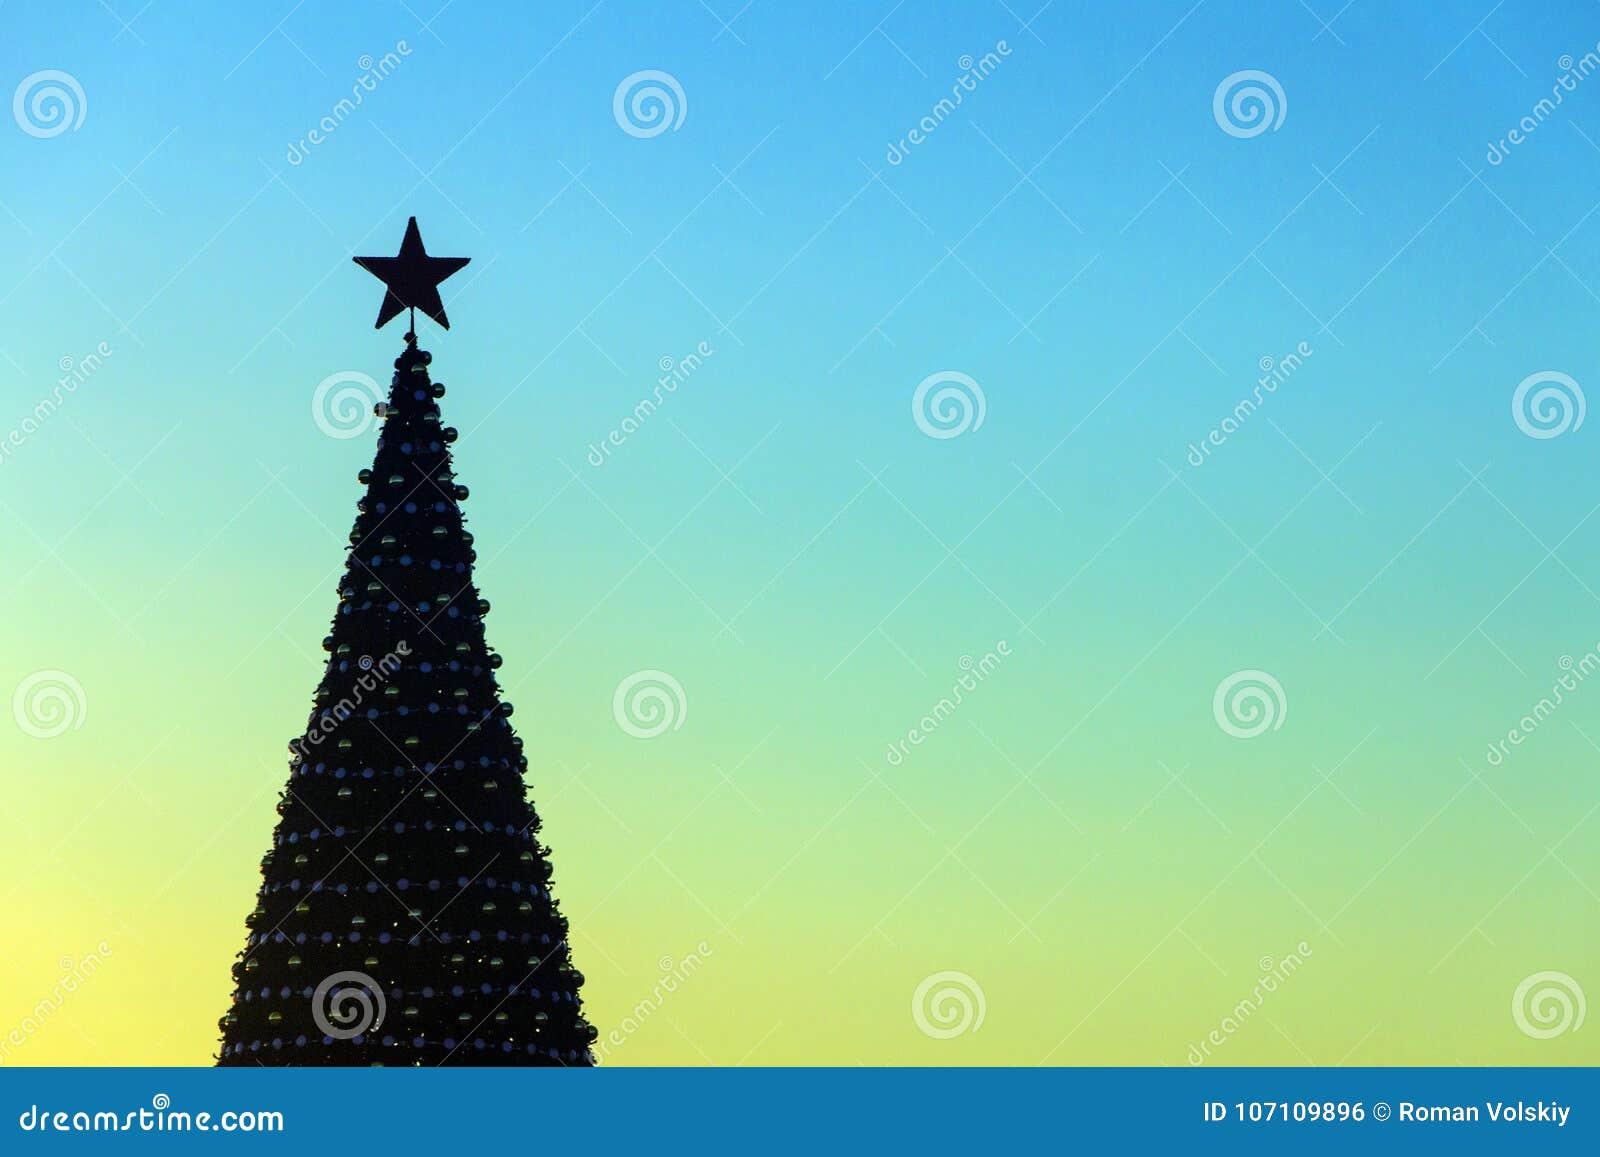 Stella Di Natale A 5 Punte.Siluetta Di Un Albero Di Natale Decorato Con Una Stella A Cinque